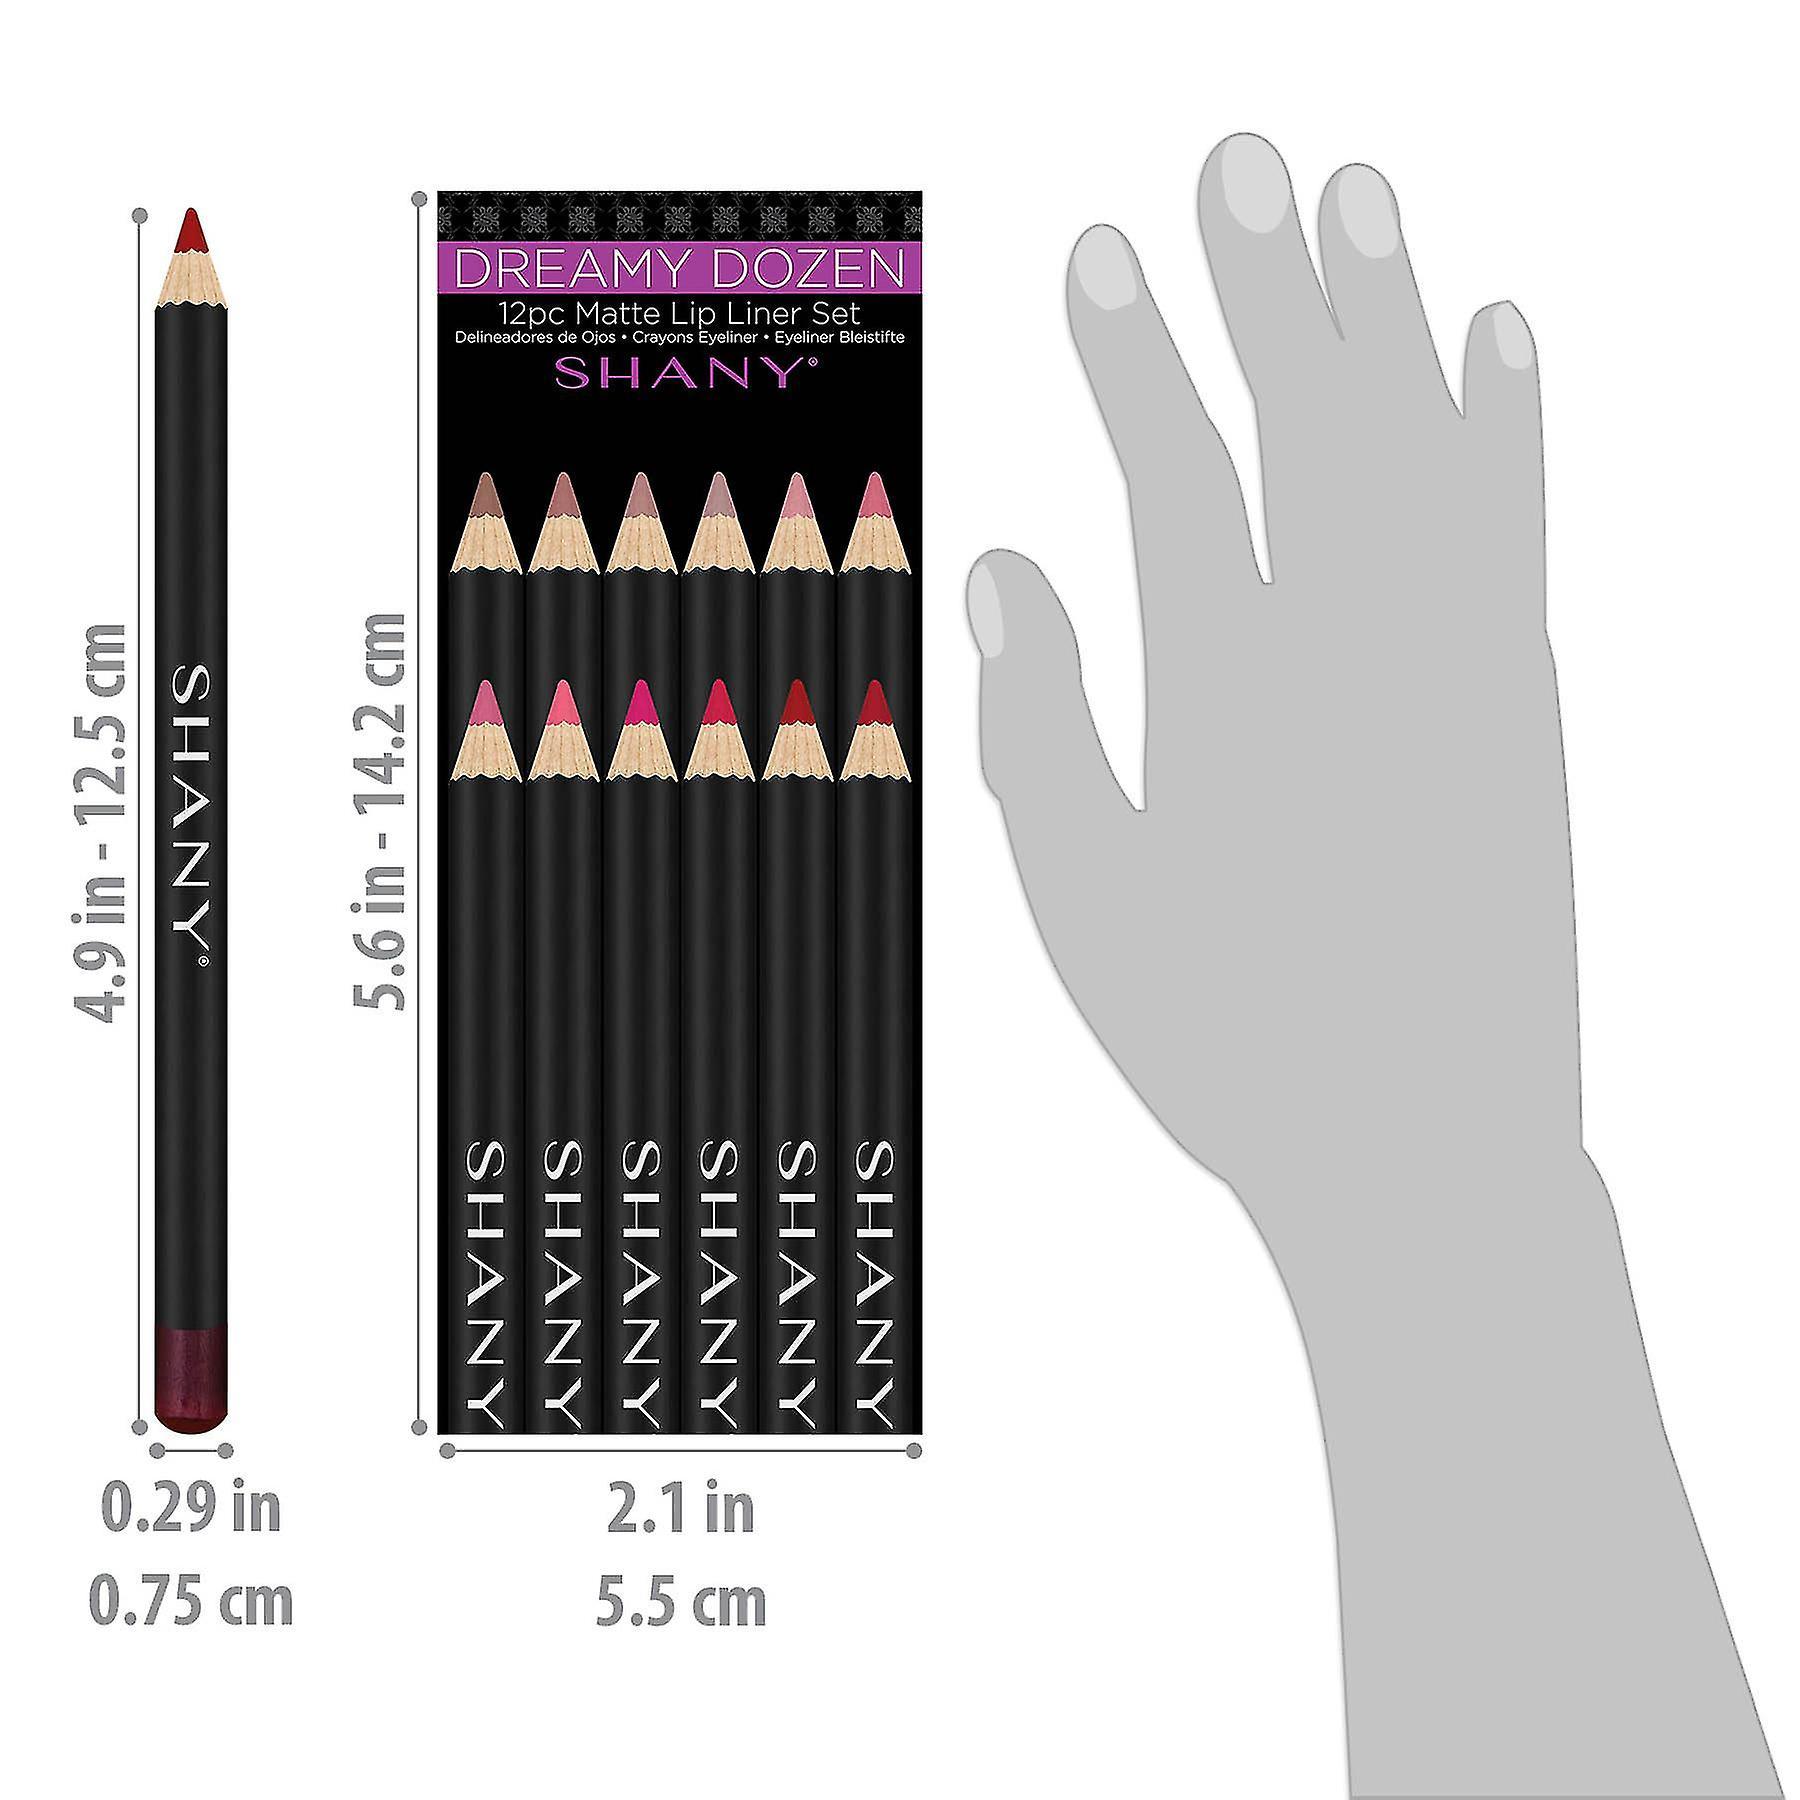 SHANY Dreamy Dozen Matte Lip Liner Set - Long-Lasting Professional Velvet Lipstick Pencils in Varying Shades - Pack of 12